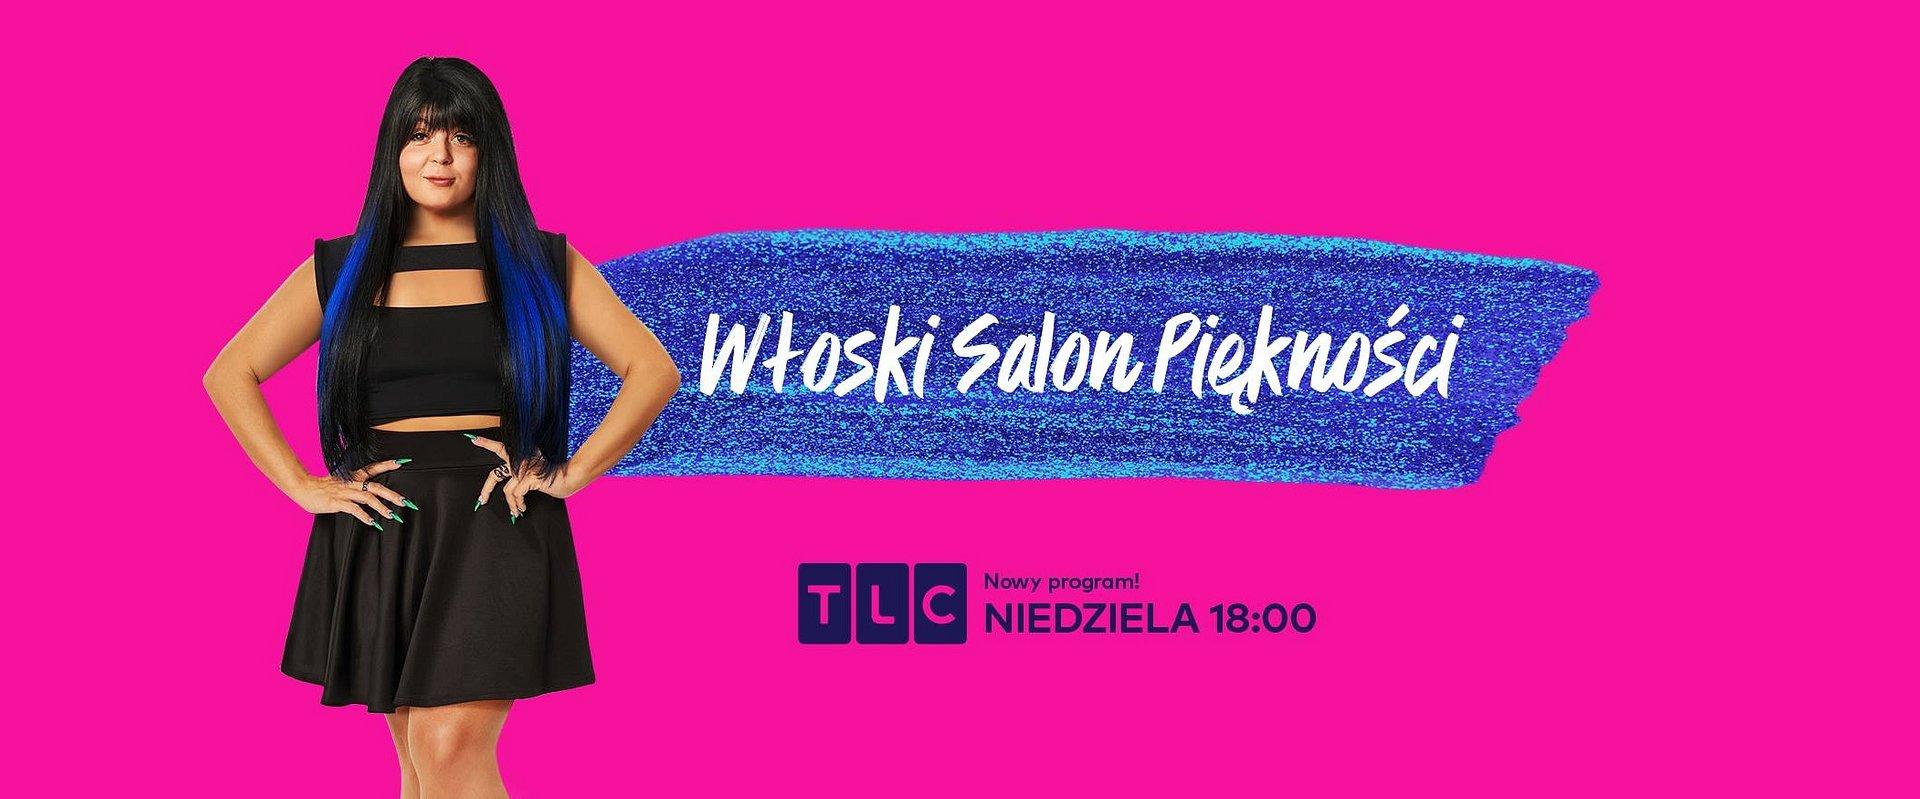 """Nowy program TLC - """"Włoski salon piękności"""", czyli rodzinny biznes w wersji ekstremalnej"""